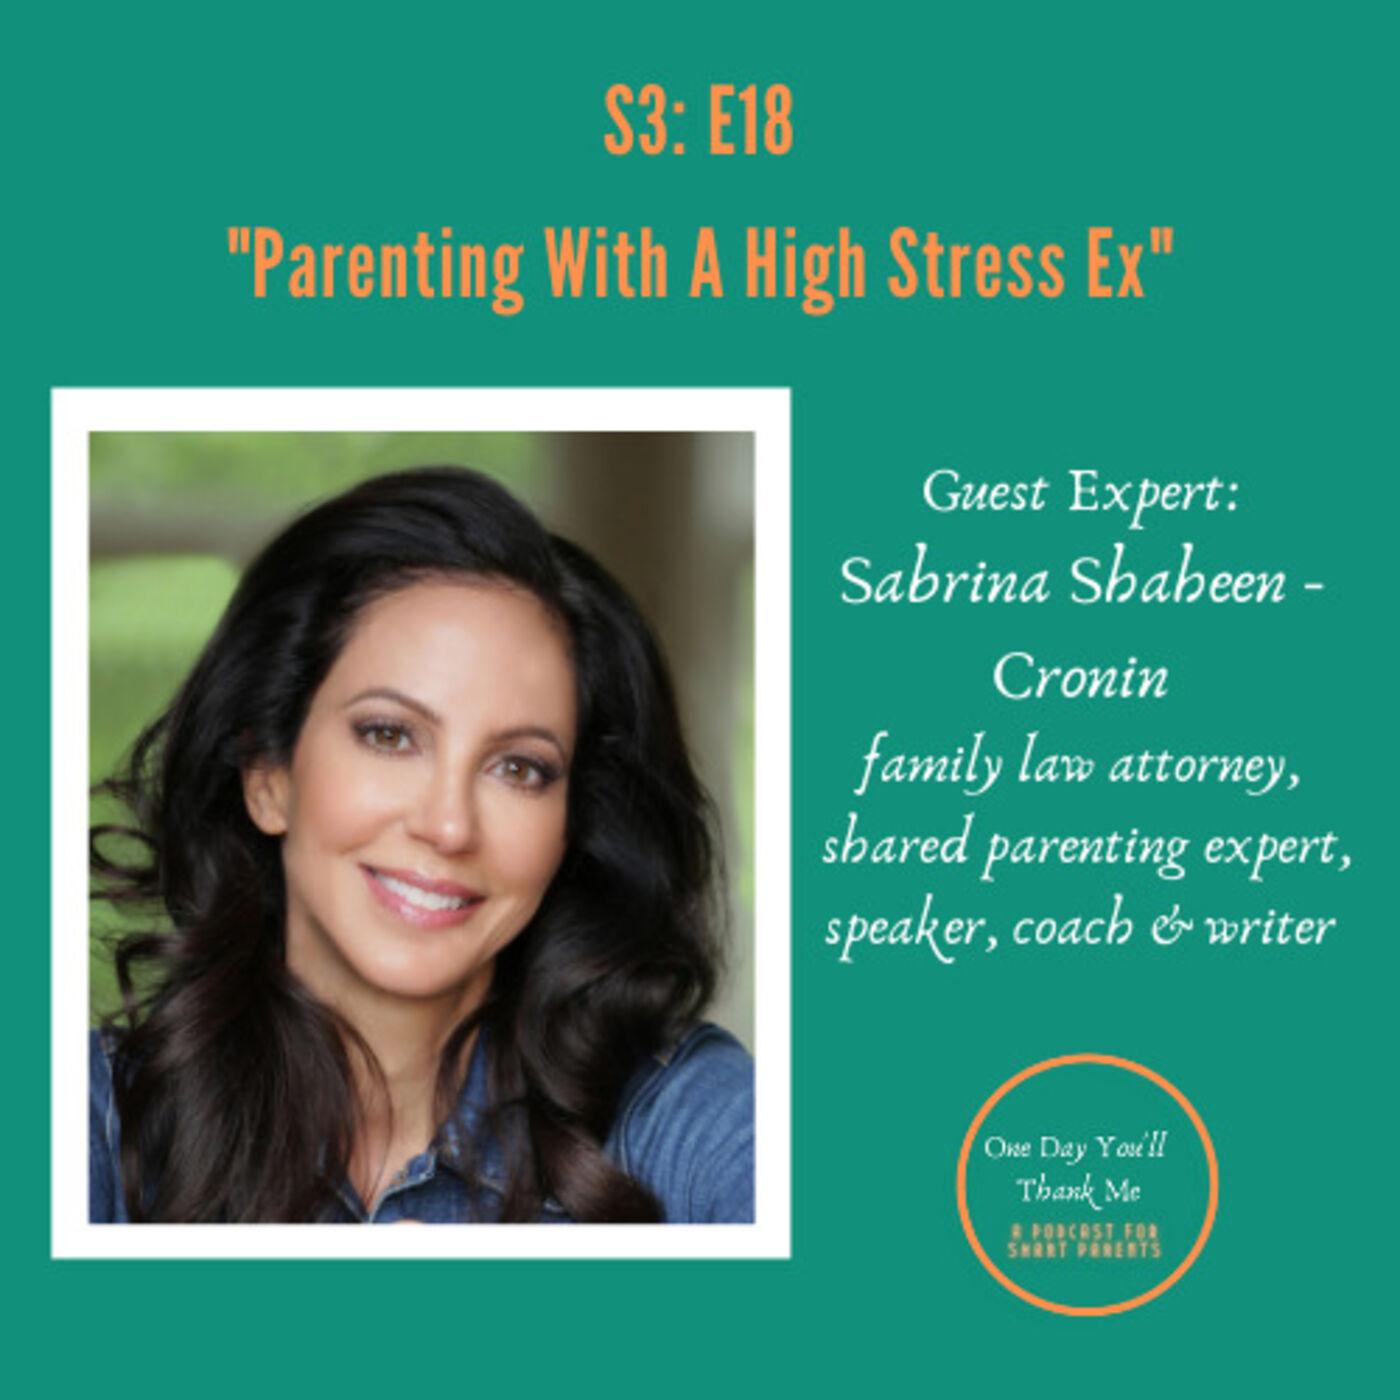 S3: E18 Guest Expert: Sabrina Shaheen Cronin, Shared Parenting Expert, Parenting with a High-Stress Ex